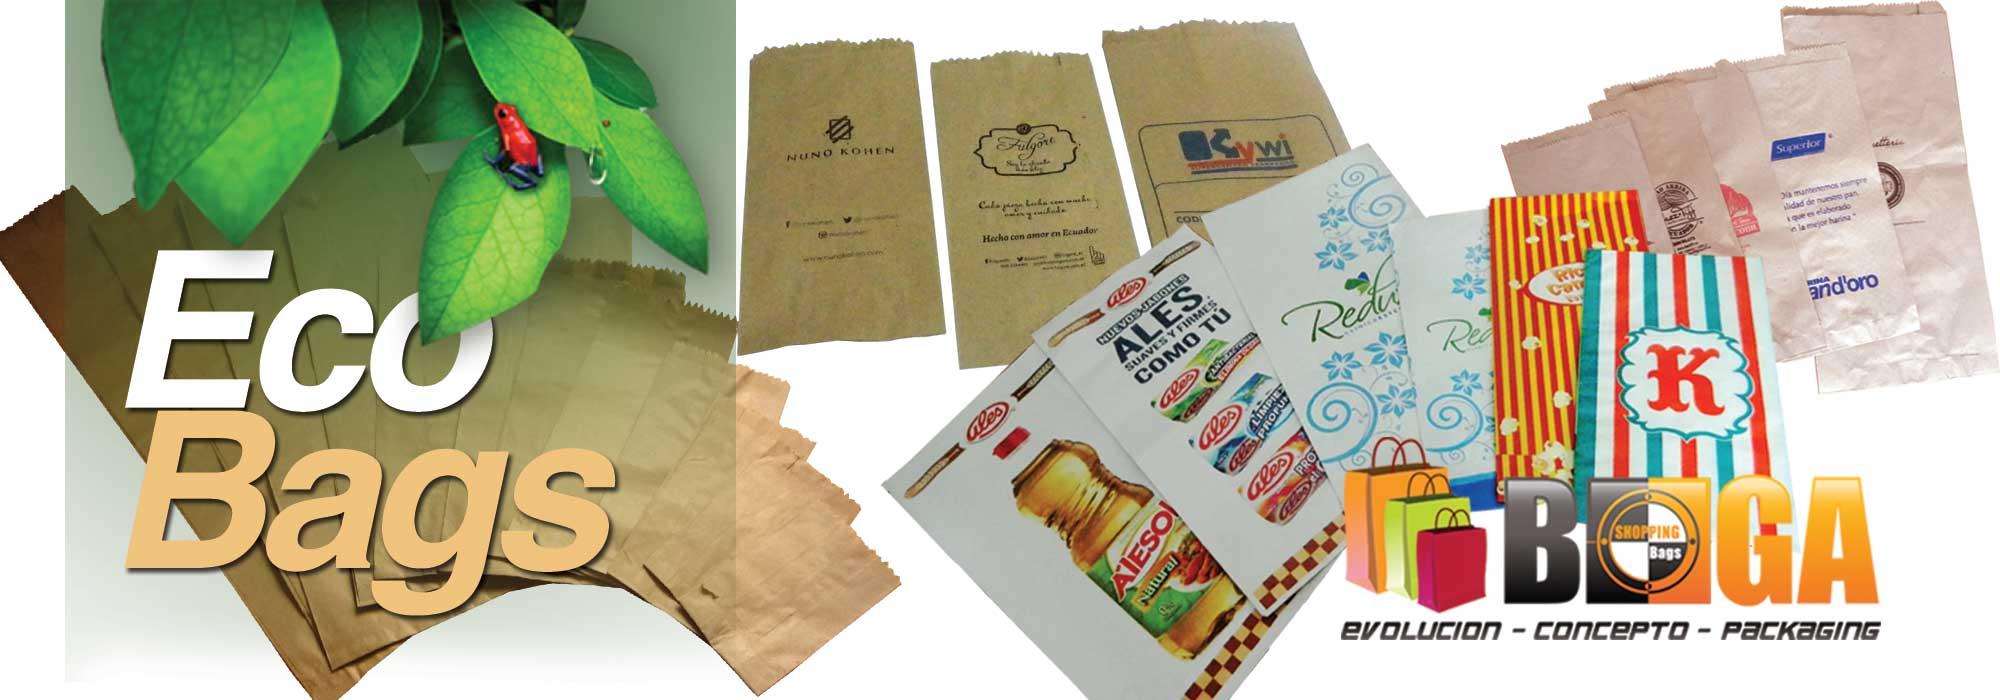 fundas-para-panaderia-boga-fundas-de-papel